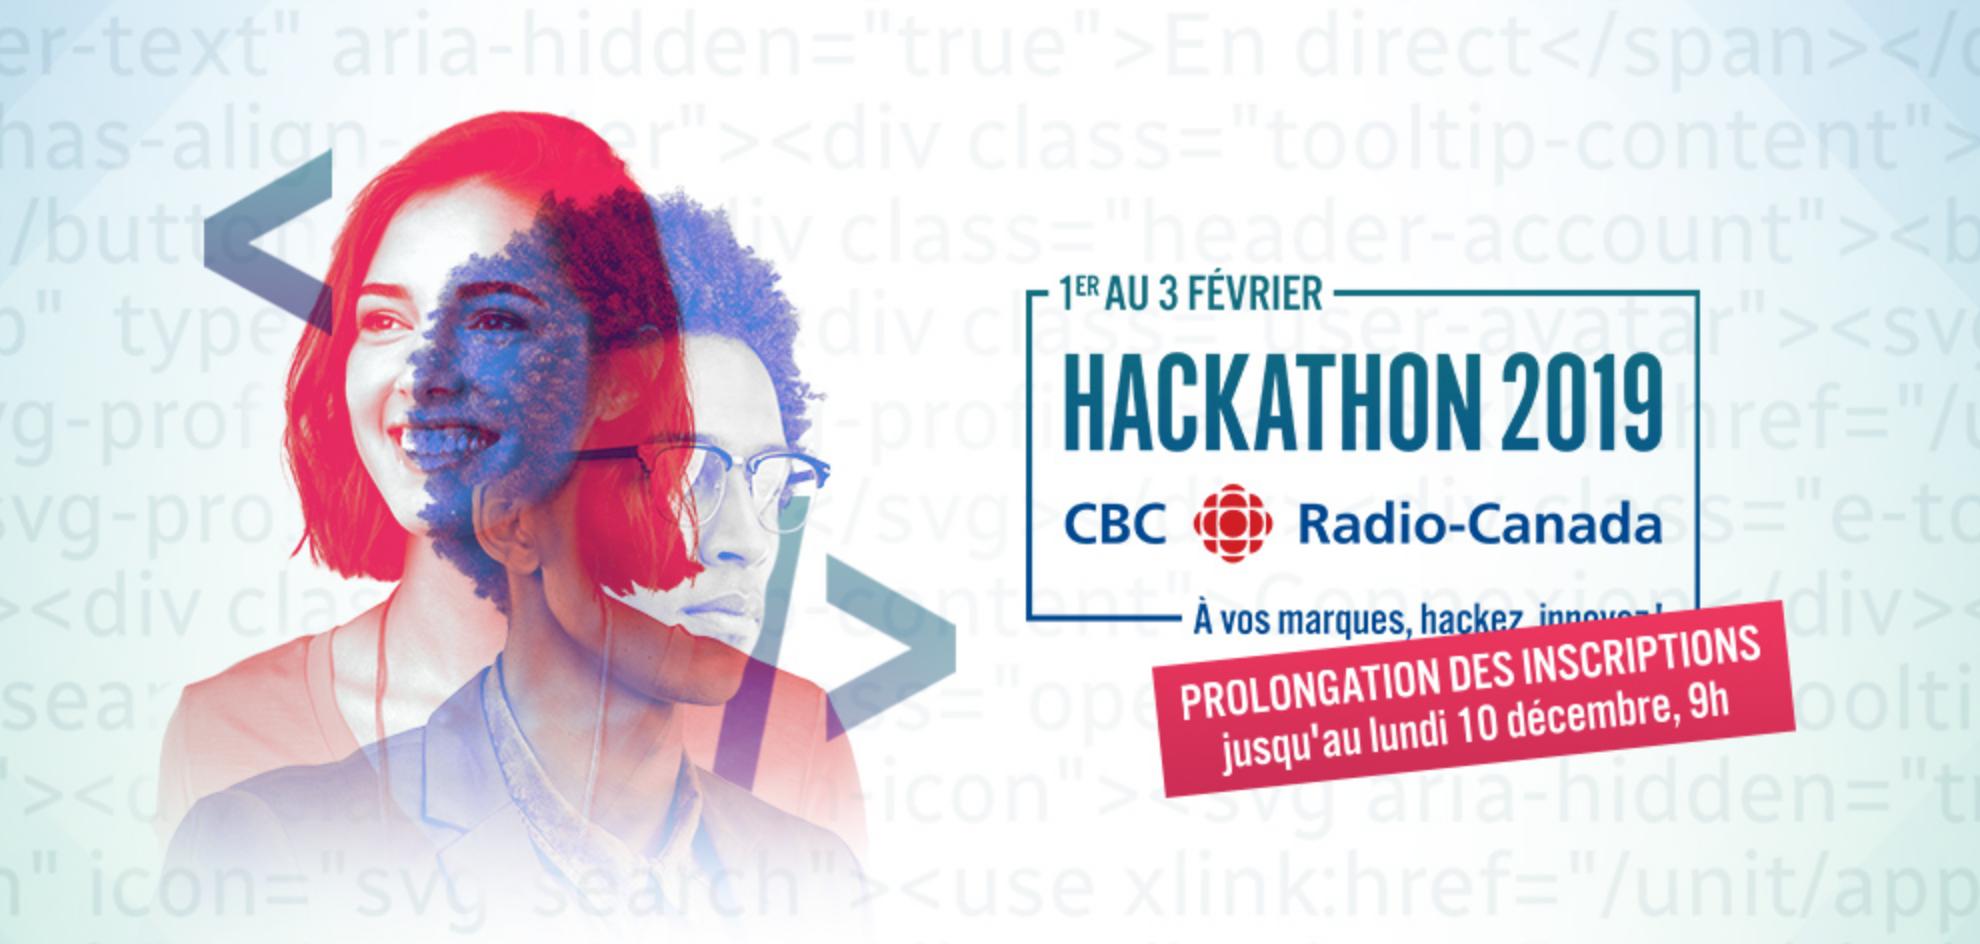 La personnalisation à l'honneur du 3e Hackathon de Radio-Canada